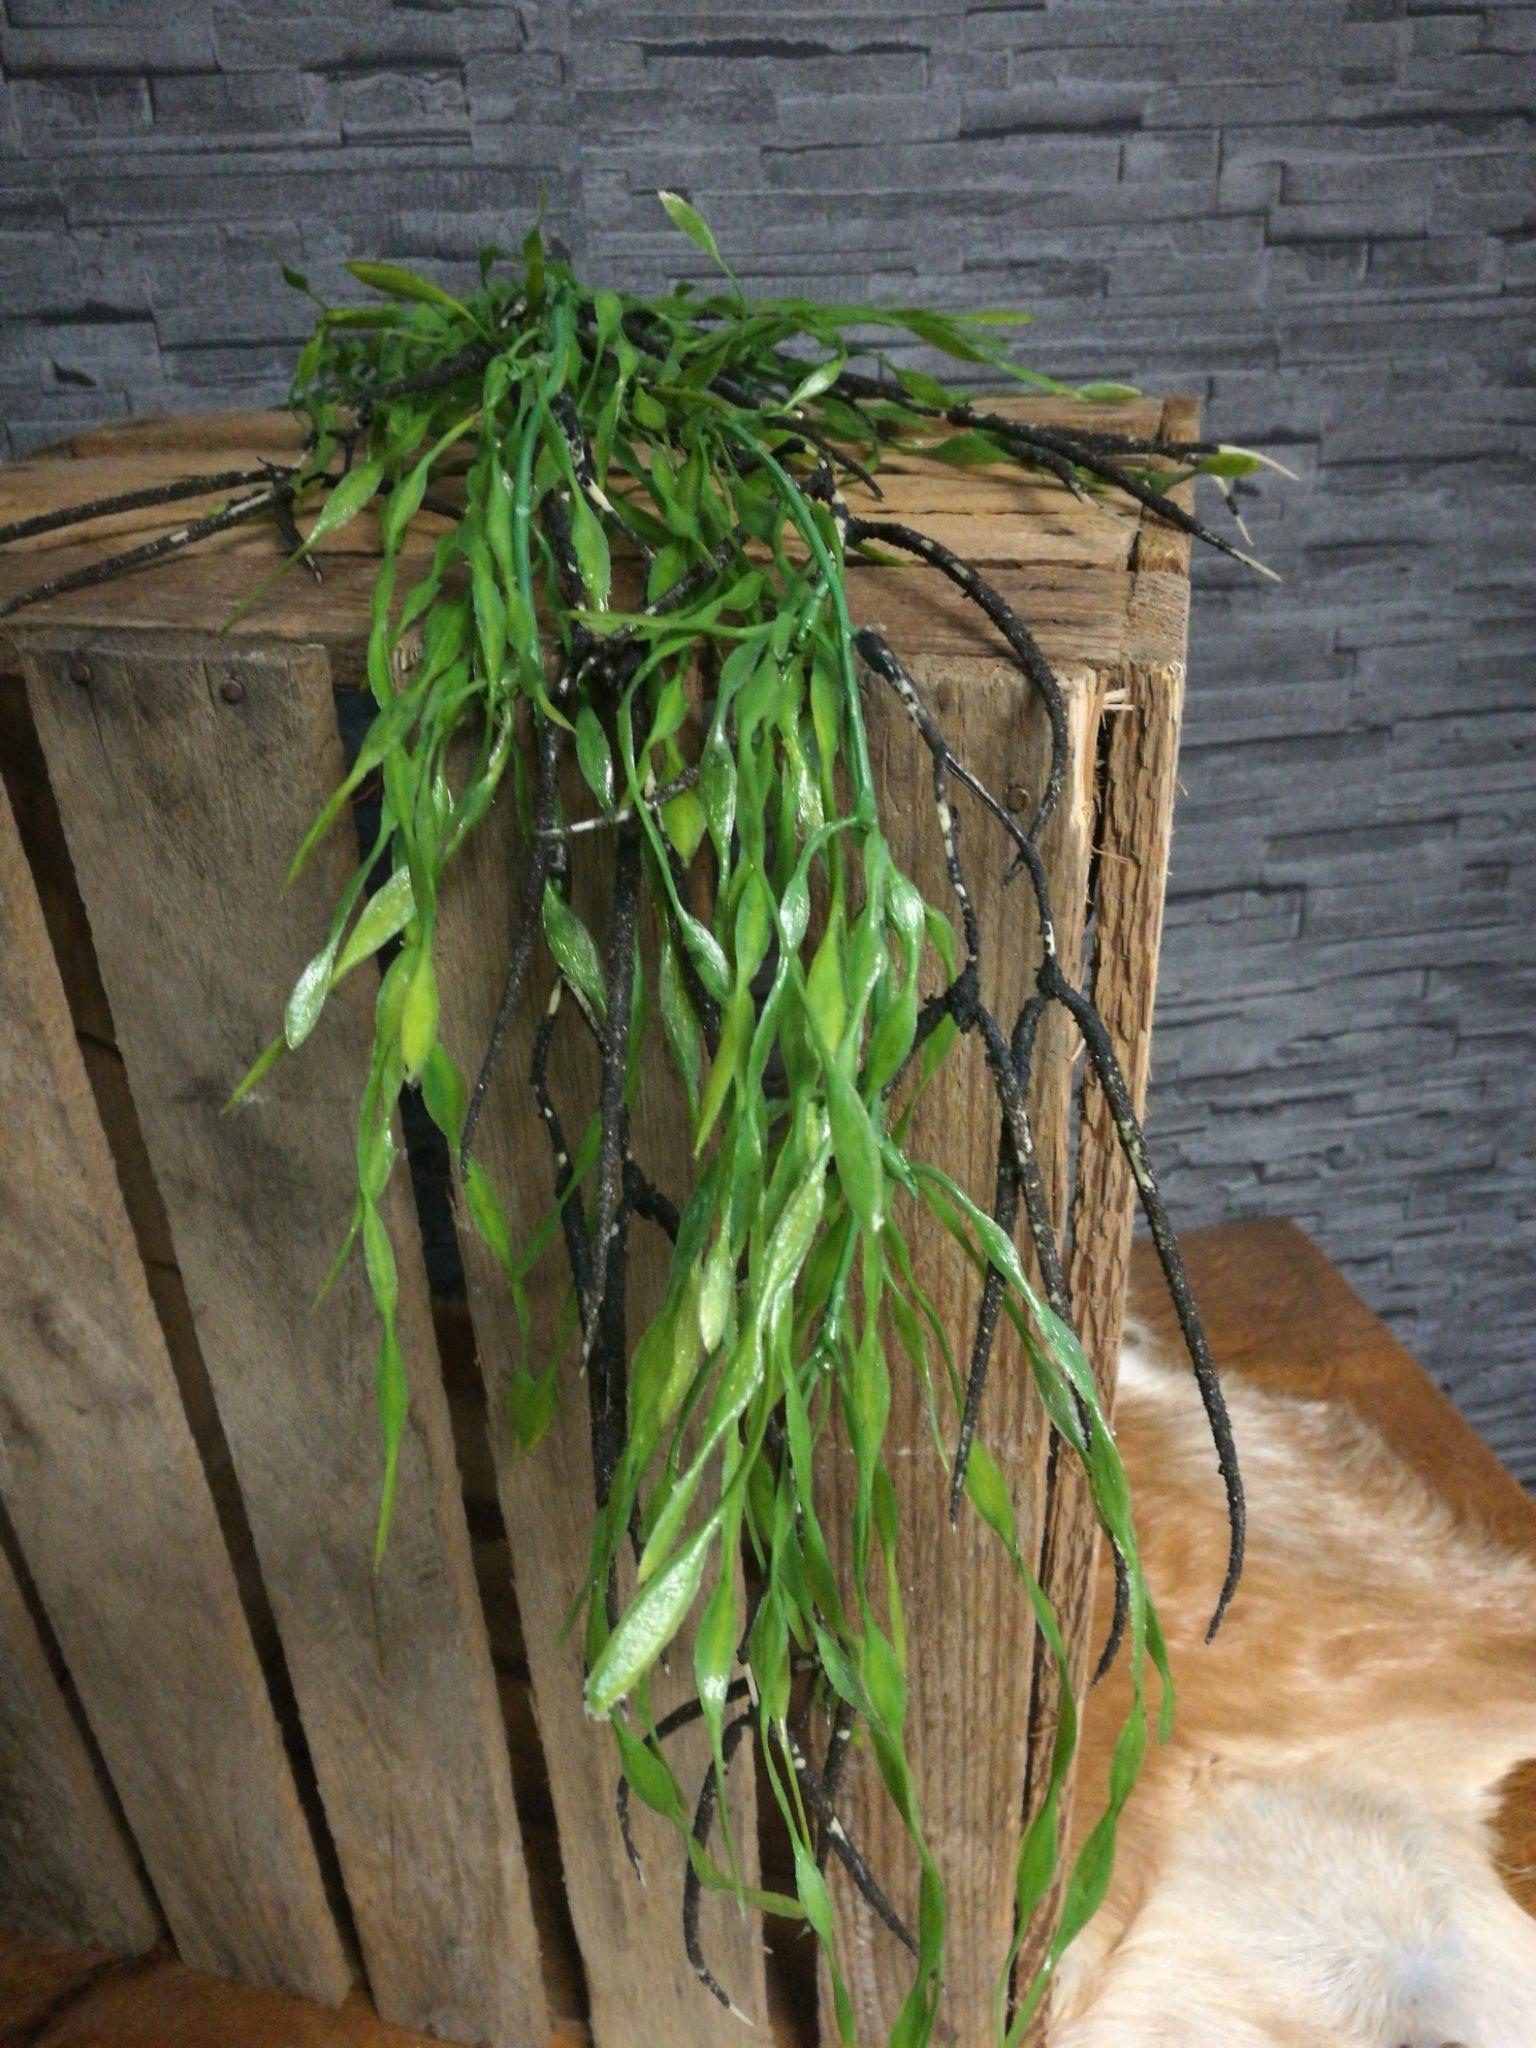 Asparagus spray kunst 01192